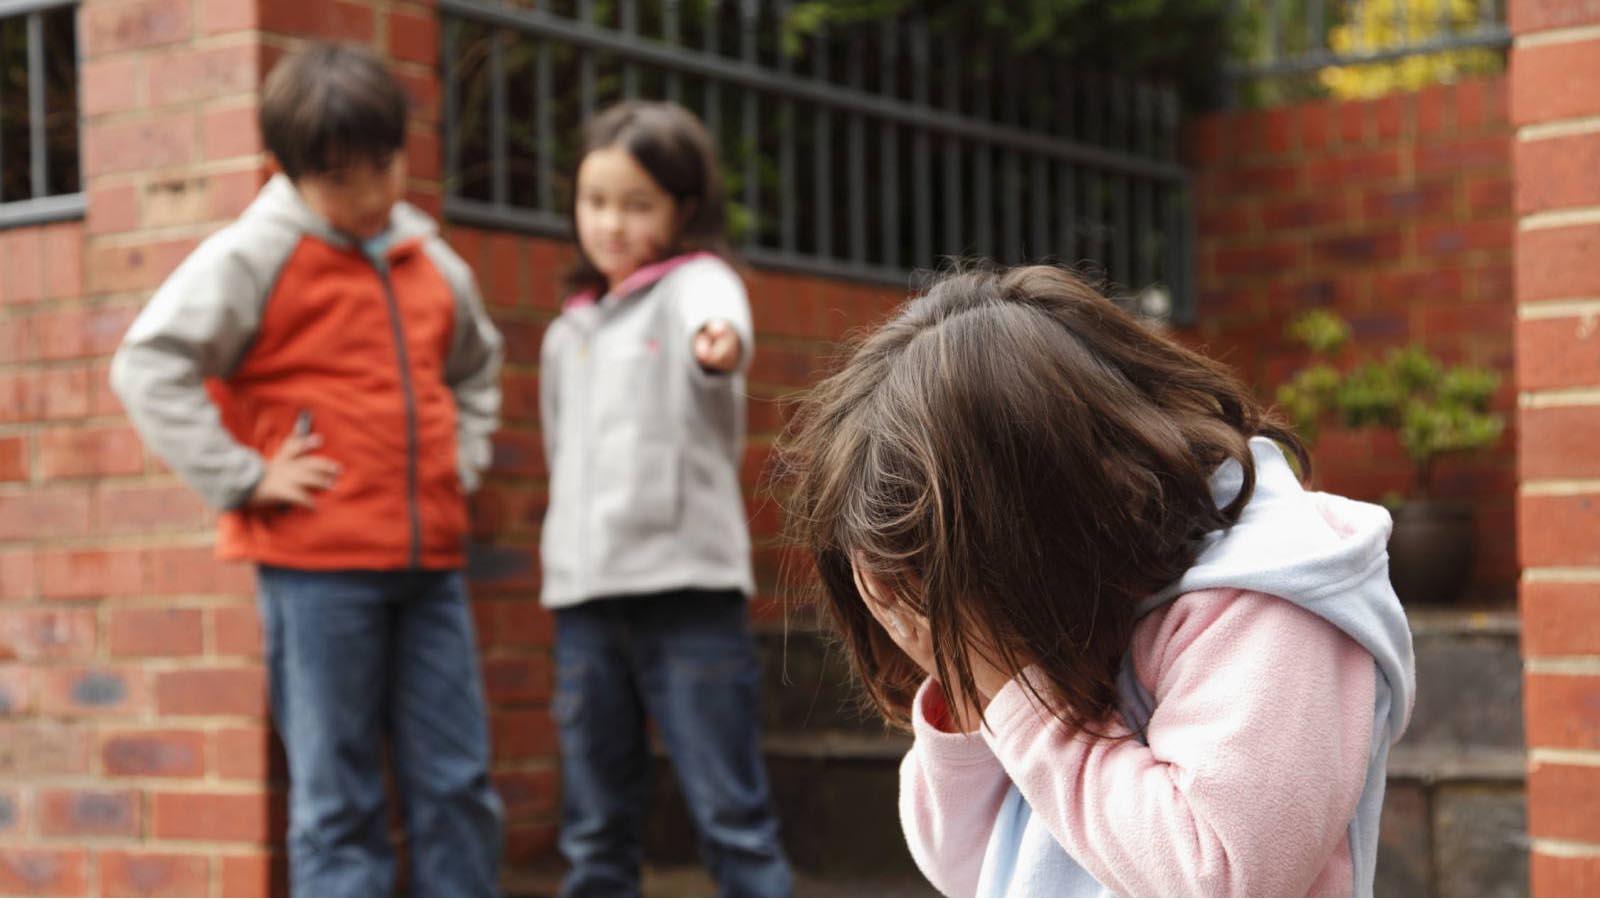 La comunicación y el tiempo de calidad con tu hijo es fundamental para que no encuentre salida maltratando a quienes le rodean